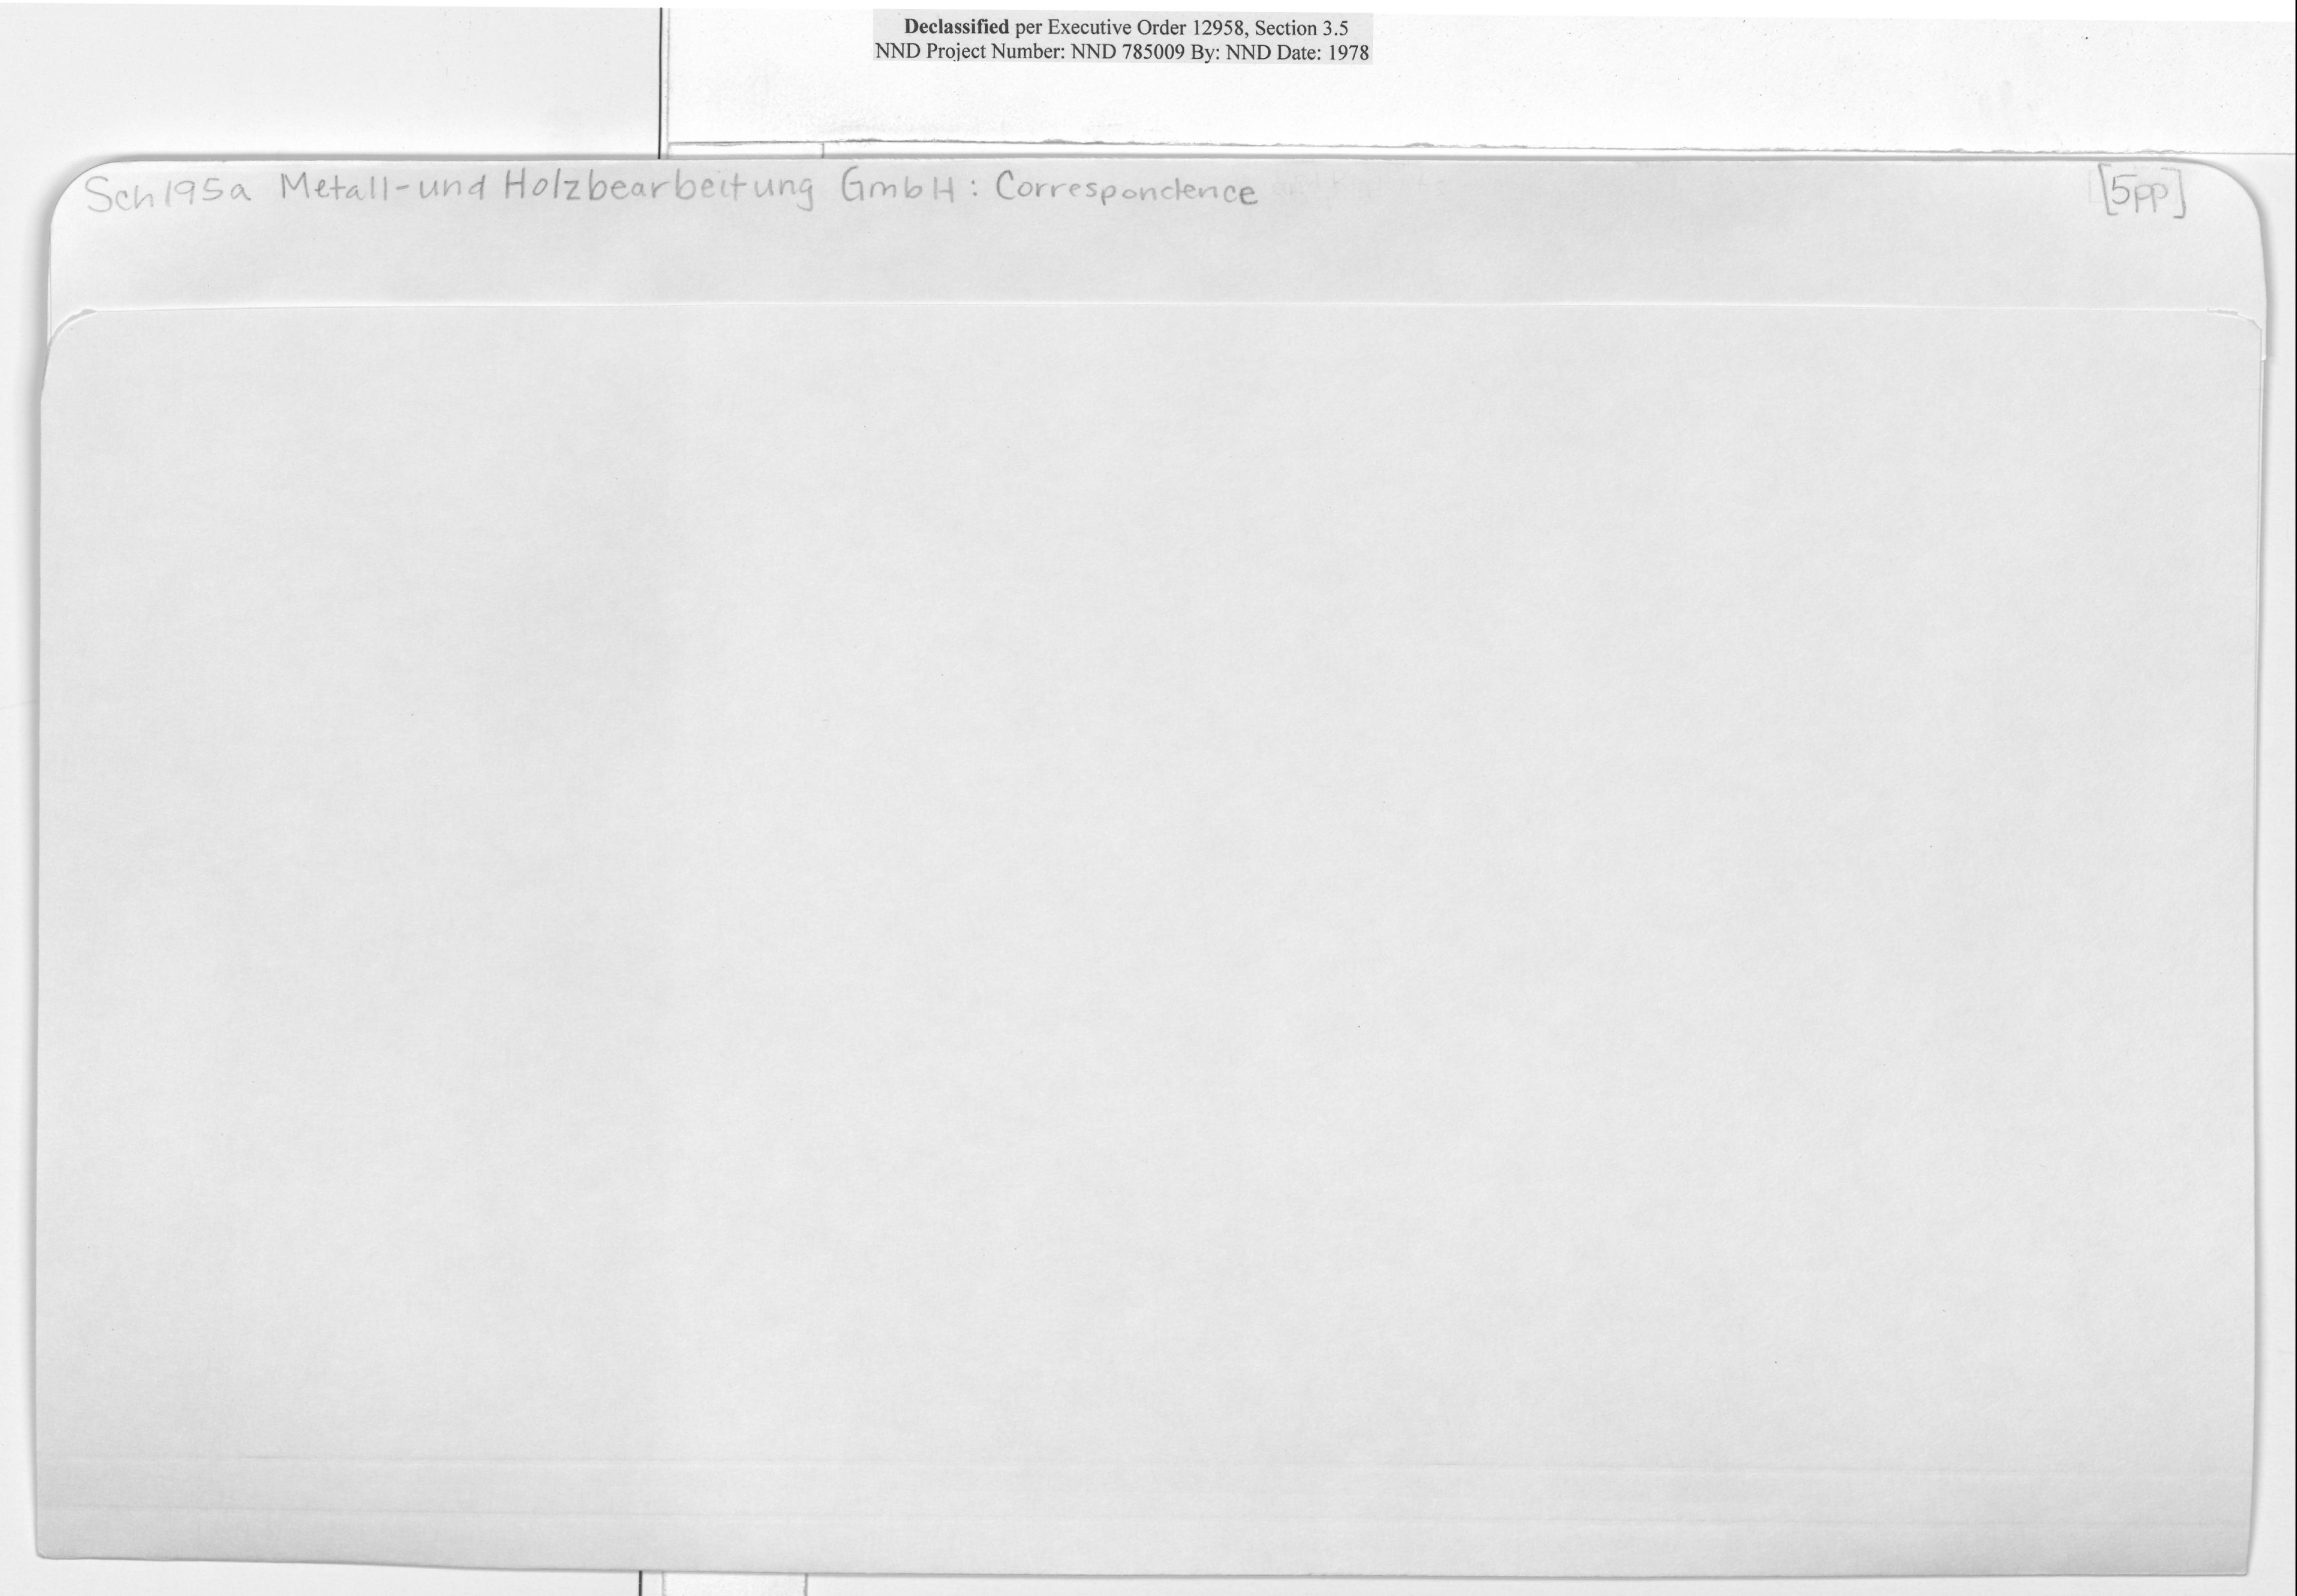 Sch 195a Metall-und Holzbearbeitung GmbH: Correspondence